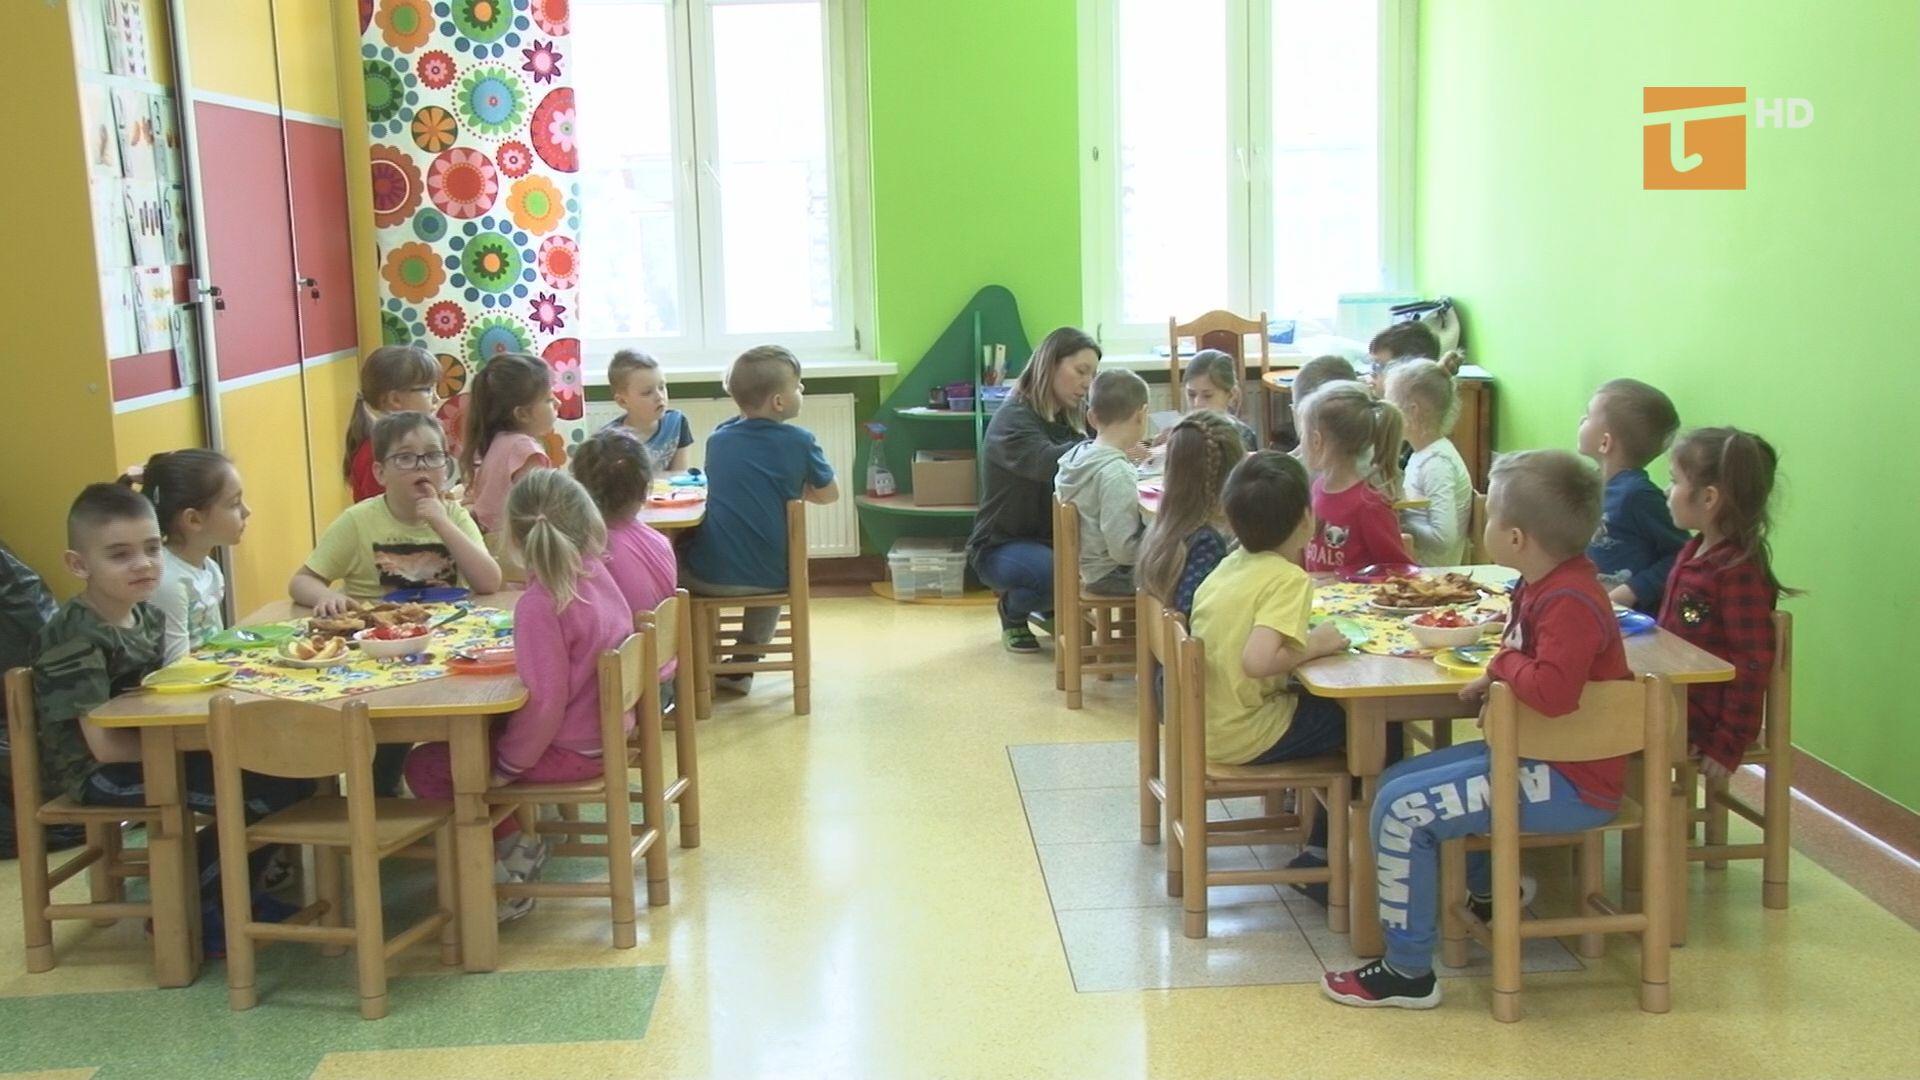 W tczewskich przedszkolach nie powinno zabraknąć miejsc dla dzieci.